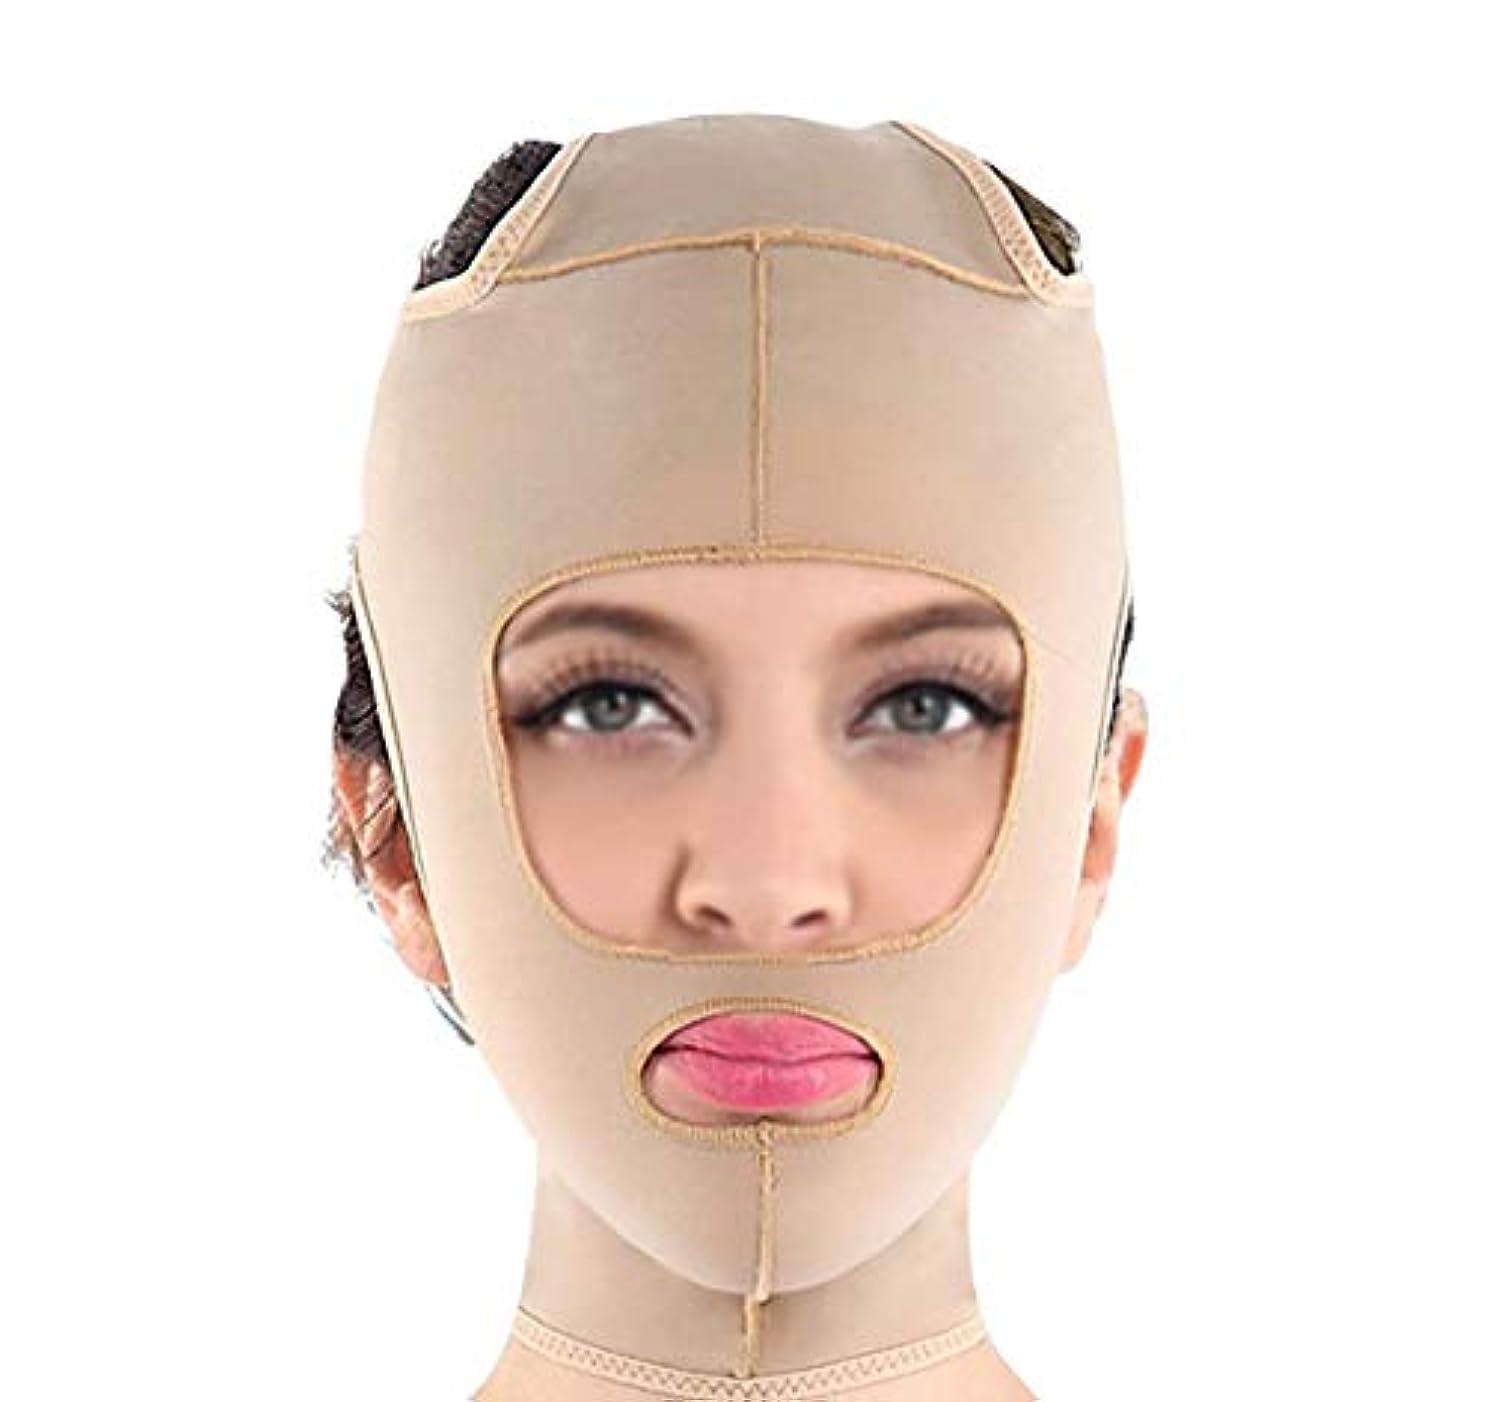 現実つばレンチフェイスリフティングマスクで肌をよりしっかりと保ち、V字型の顔を形作り、超薄型の通気性、調節可能で快適な着用感(サイズ:Xl),M